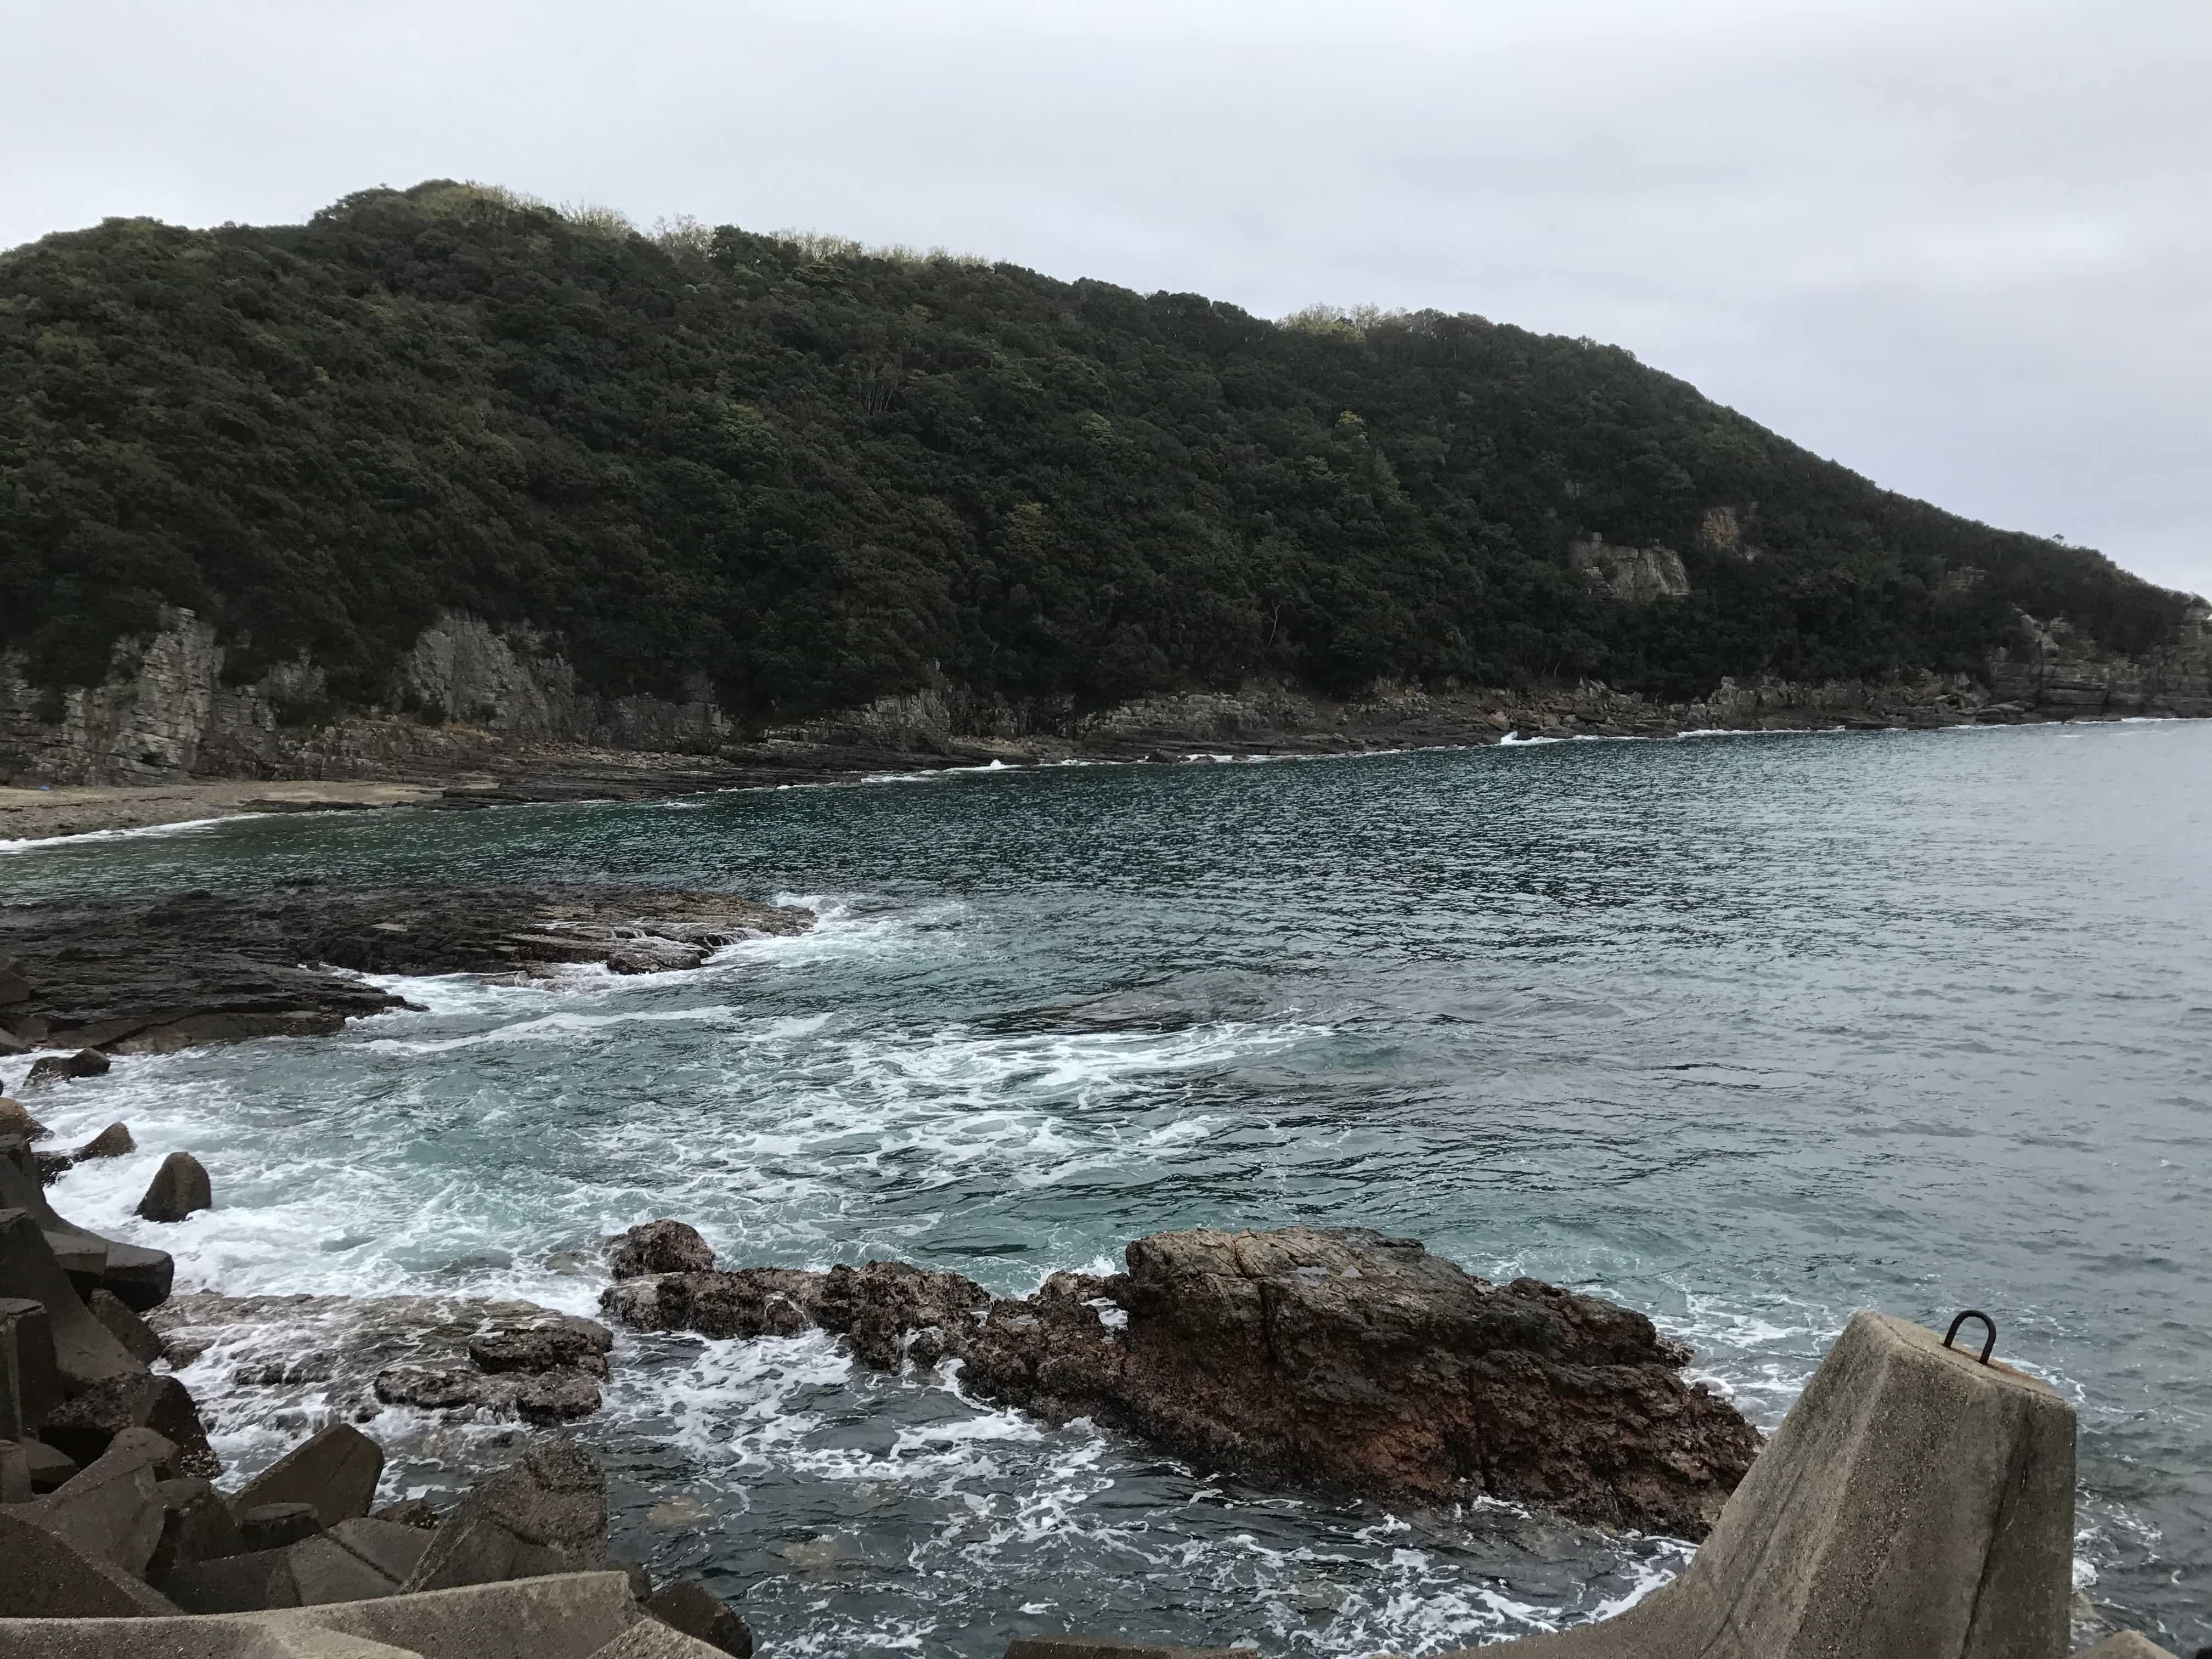 市江崎漁港の釣り場紹介(隠れた秋イカエギングオススメ漁港)